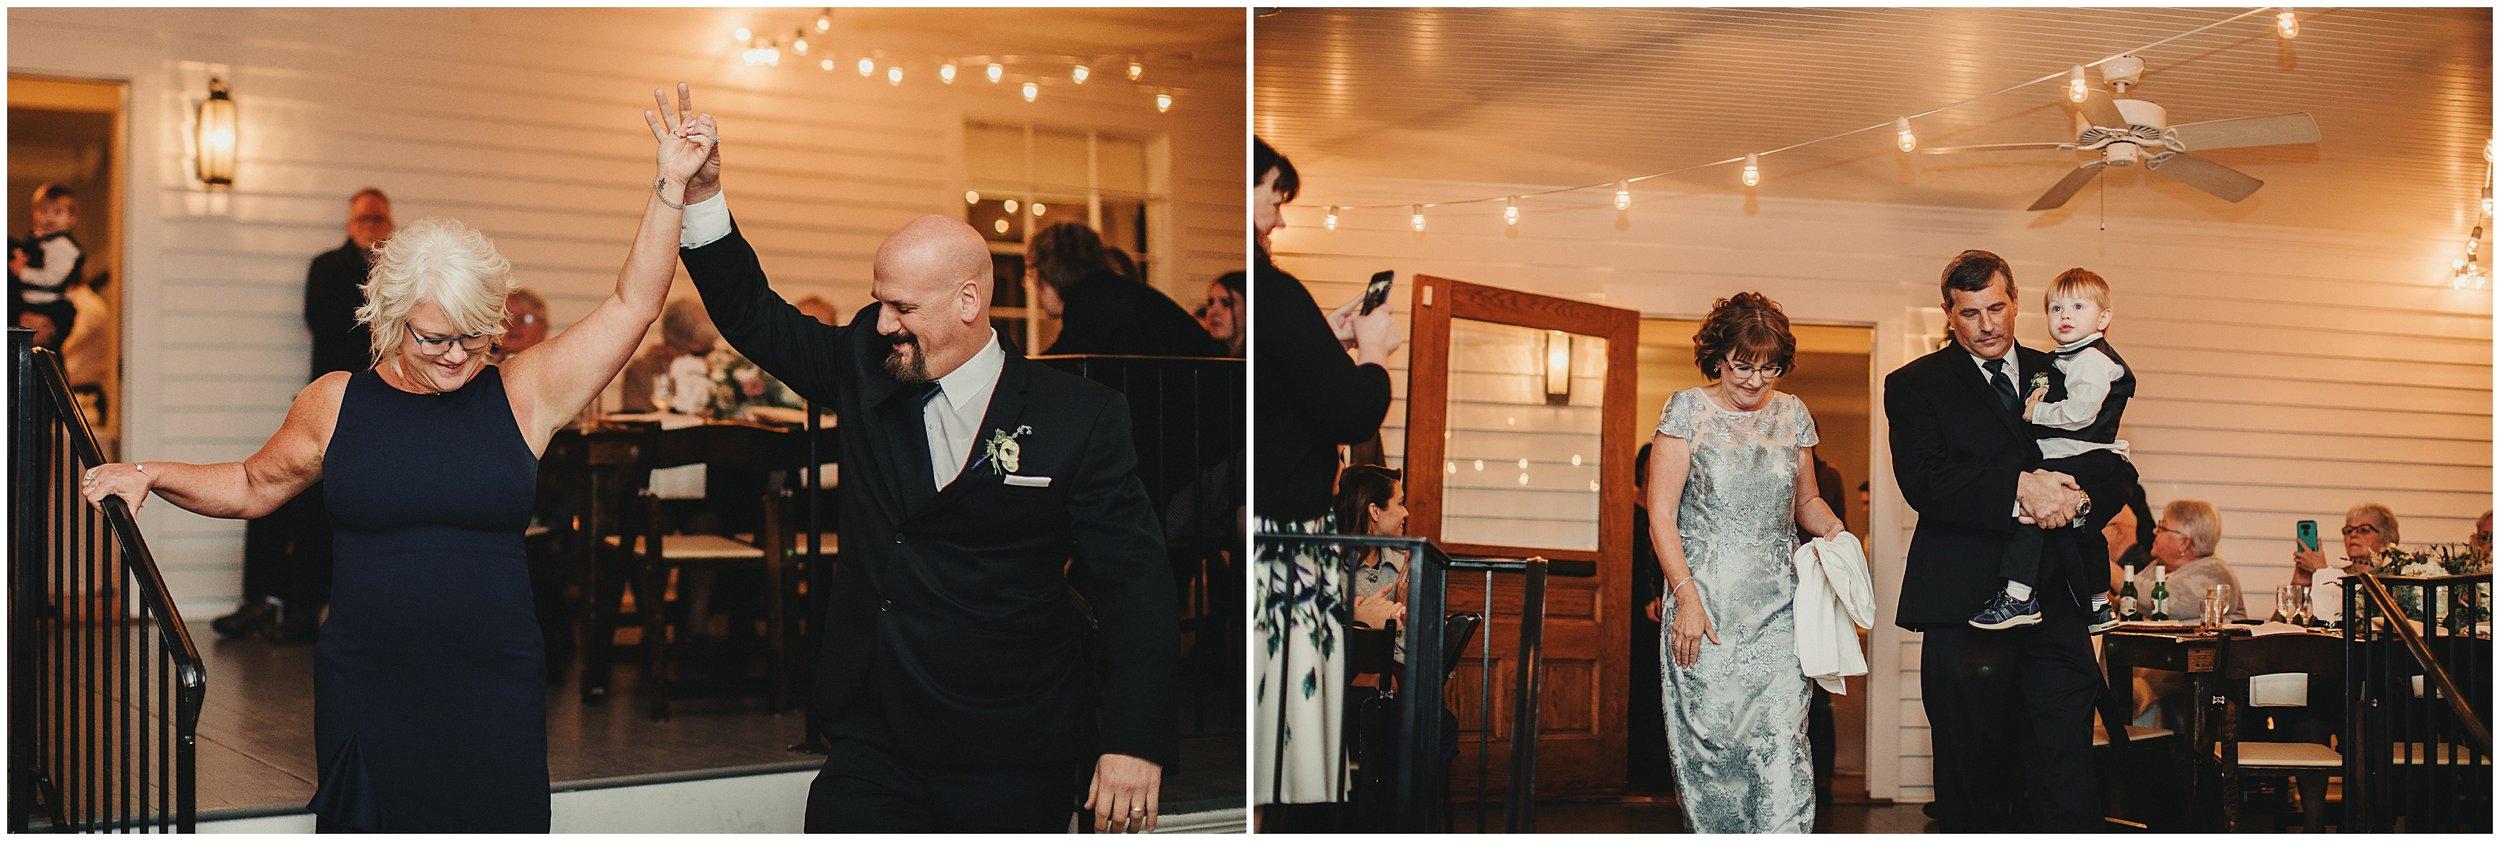 Ritchie Hill wedding_1286.jpg